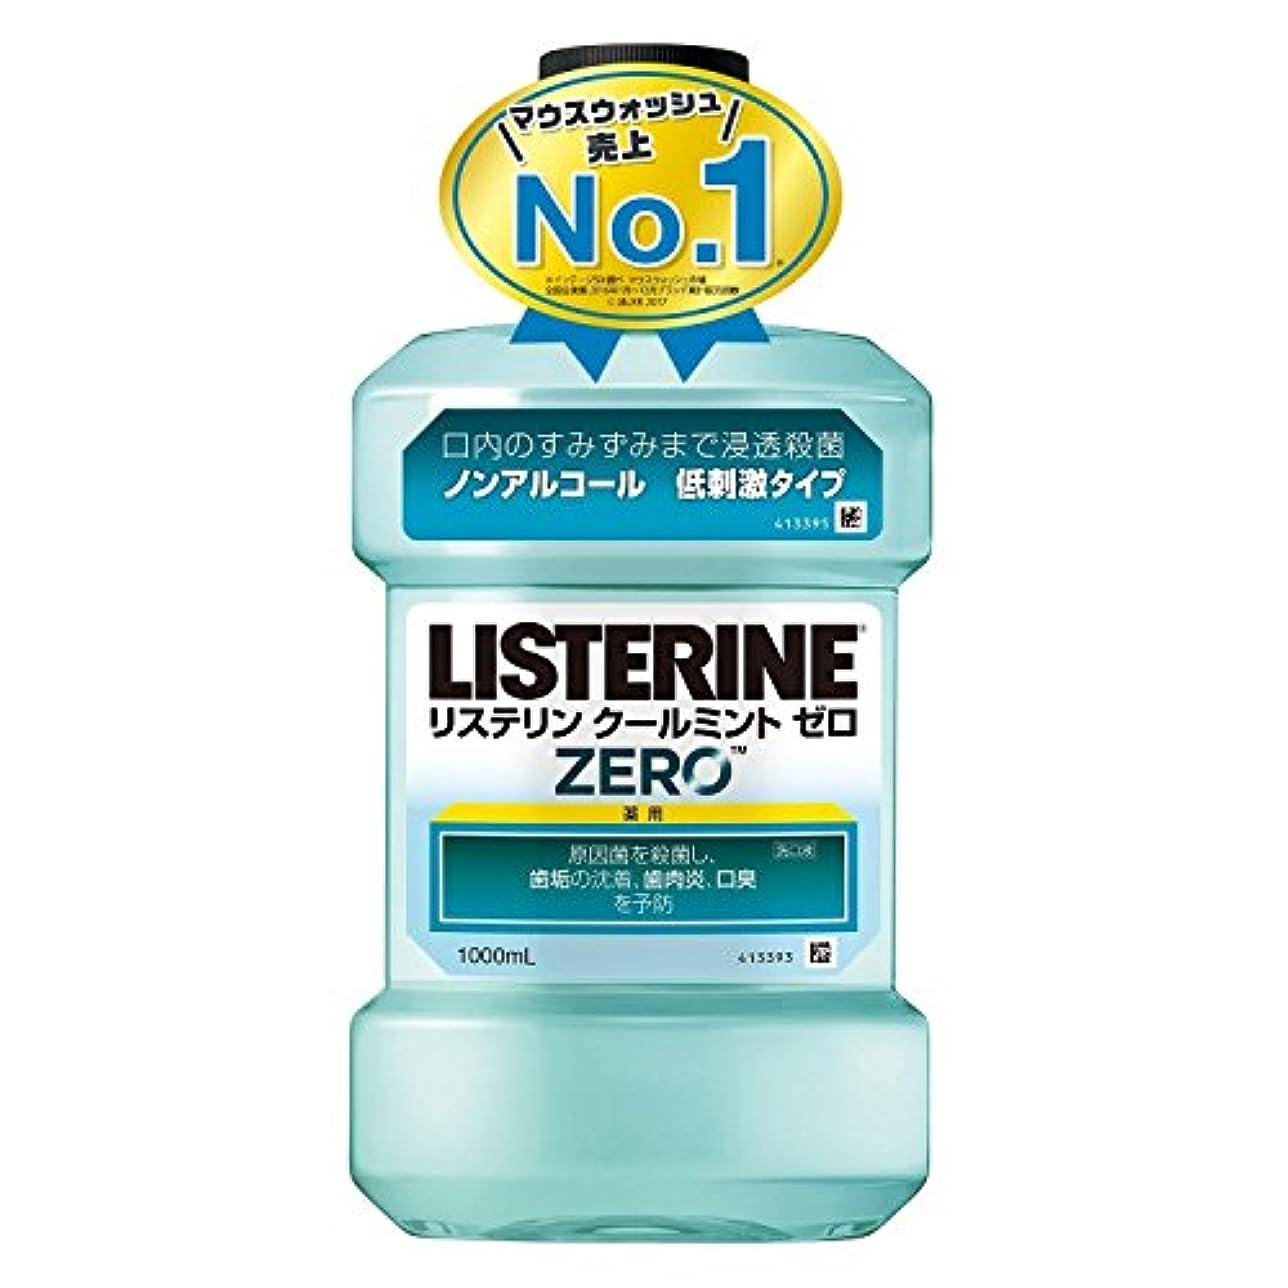 ハムスペクトラムお風呂を持っている【大容量2本】薬用 リステリン クールミントゼロ マウスウォッシュ 低刺激 1000mLx2本(4901730160117-2)